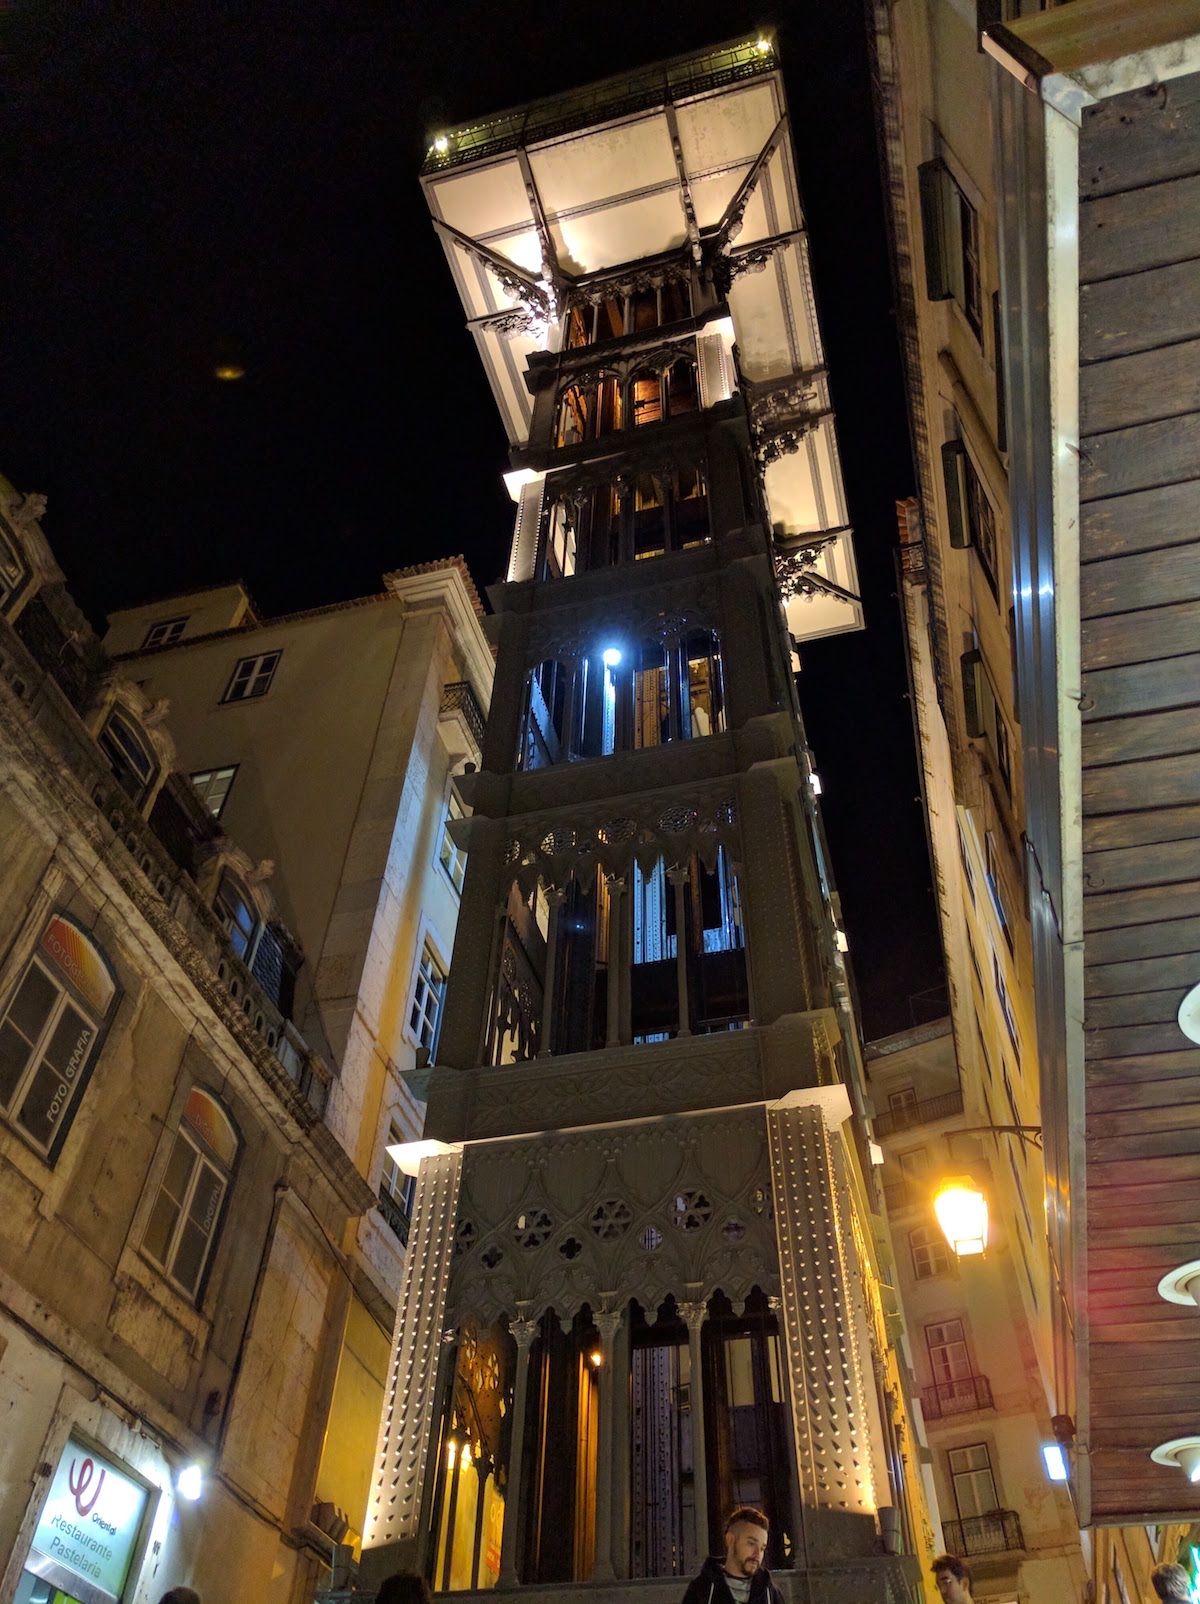 ここは行っとけ!7つの丘の街リスボンの「サンタ・ジュスタのエレベーター」が素敵すぎる